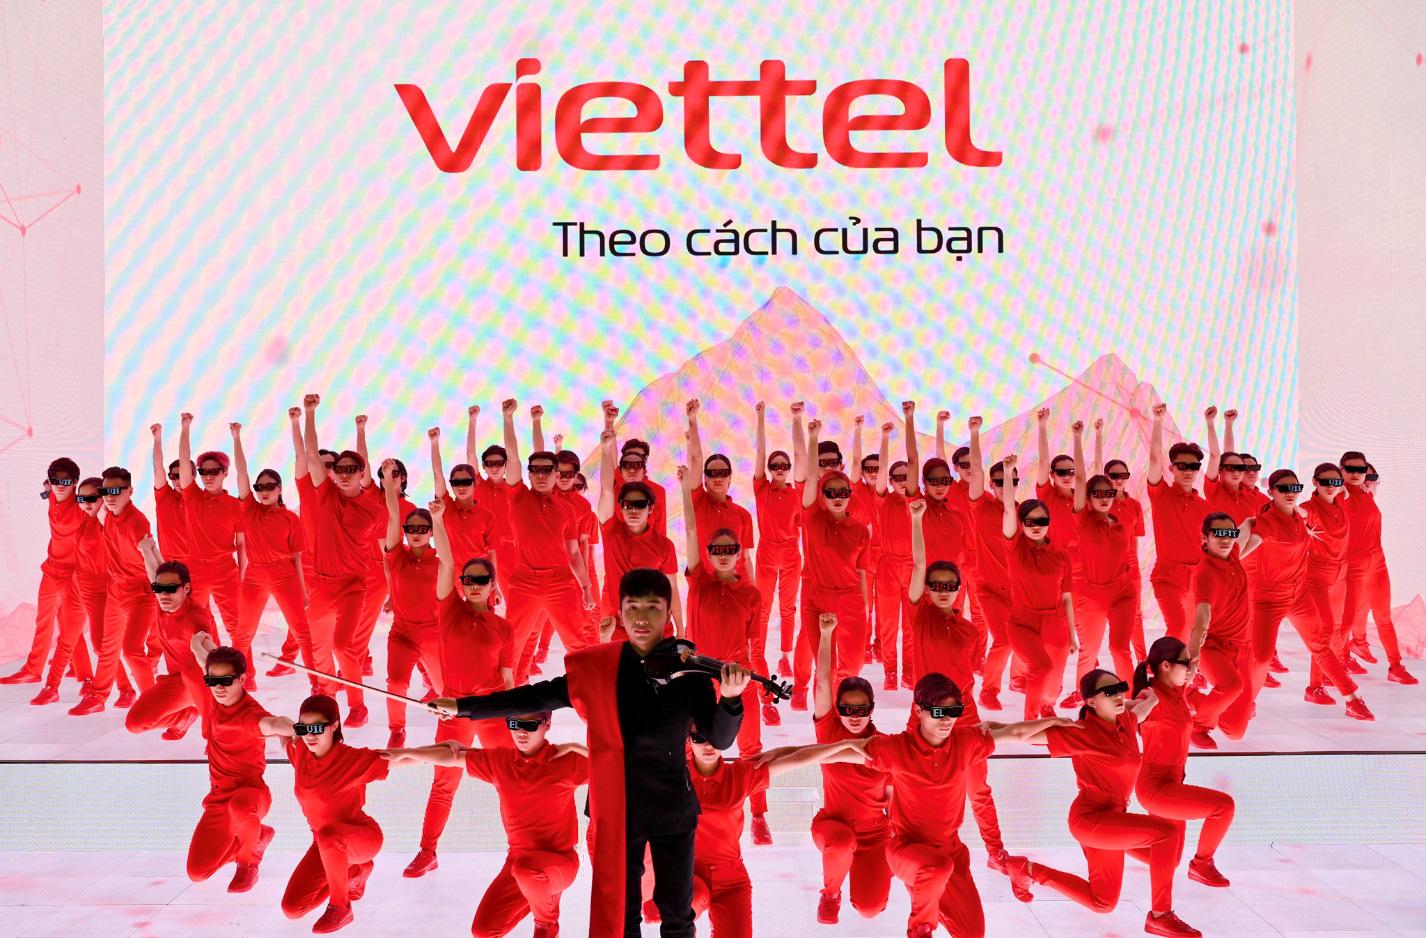 Những điều chưa từng có ở sự kiện ra mắt logo Viettel mới - Ảnh 3.